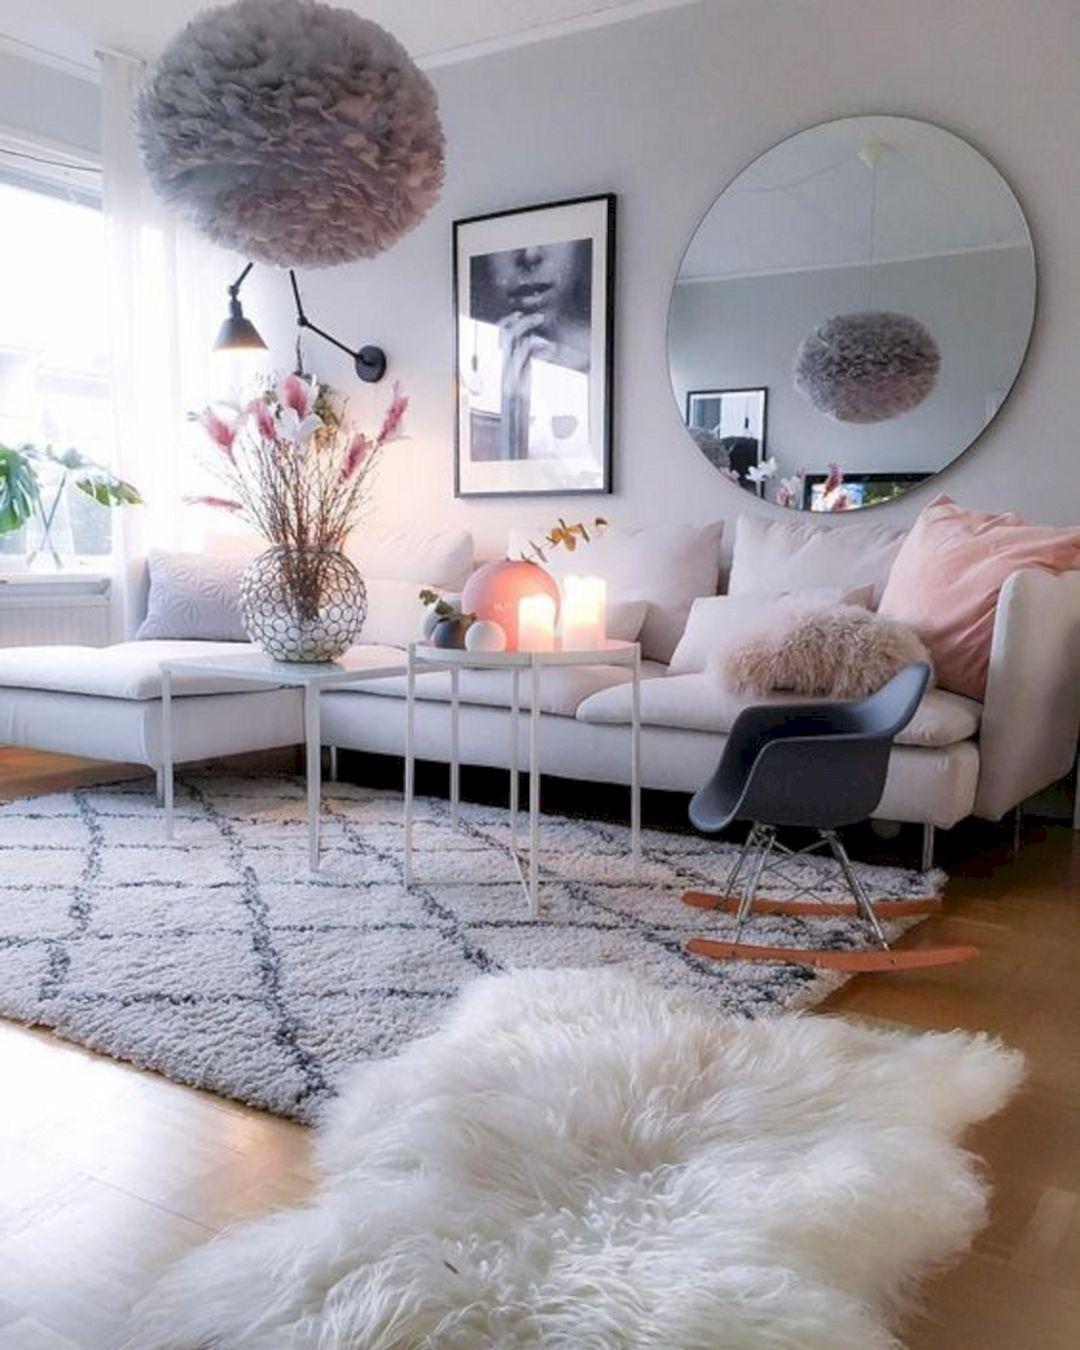 55 Chic Living Room Decorating Design Ideas For Great Family Freshouz Com Living Room Decor Cozy Living Room Decor Modern Chic Living Room